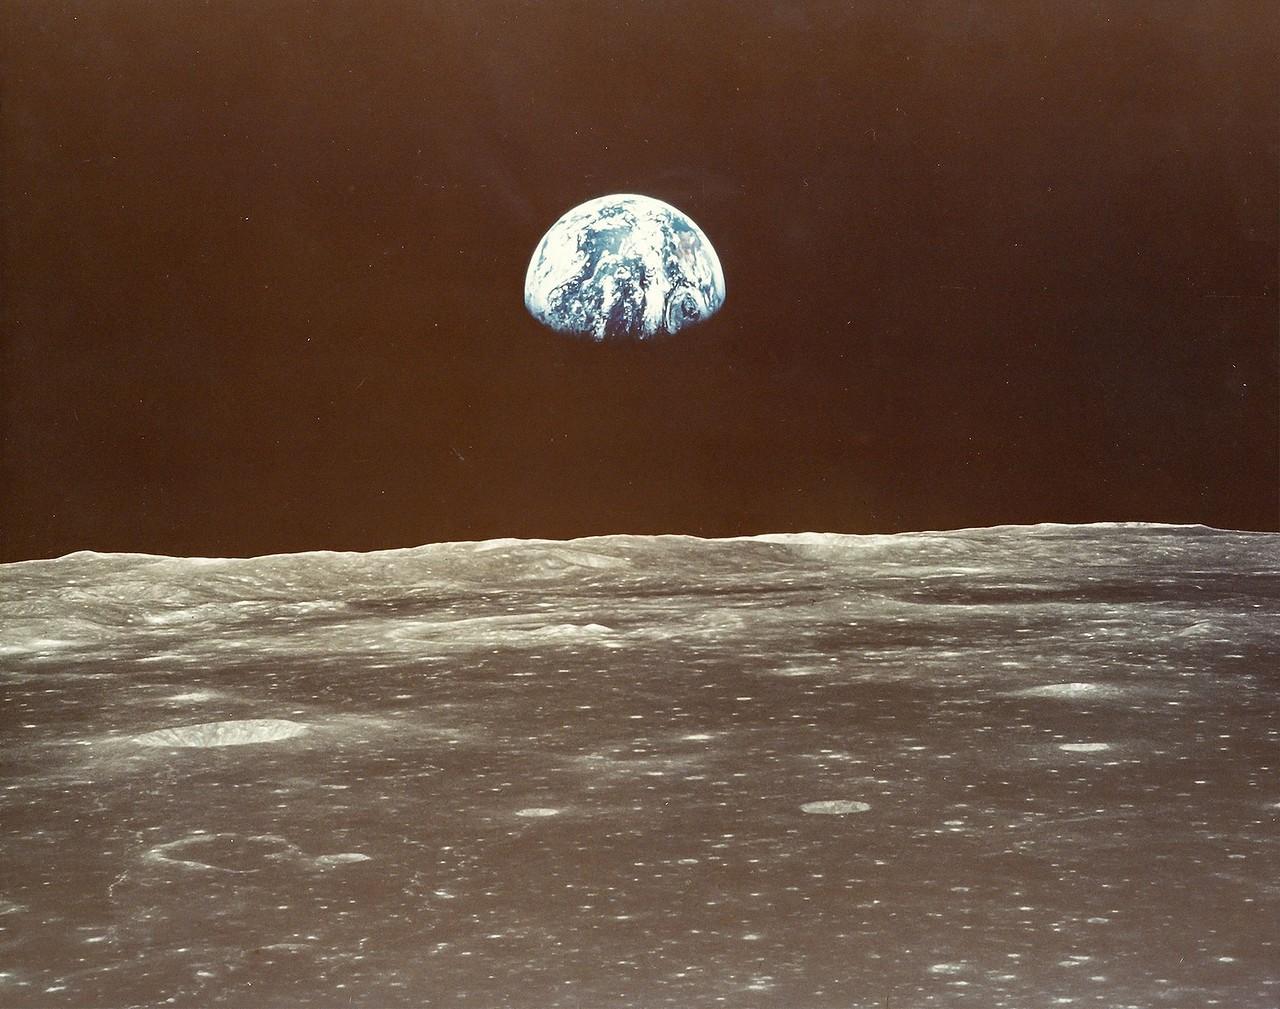 традиции они советские фото солнца с луны что повелись